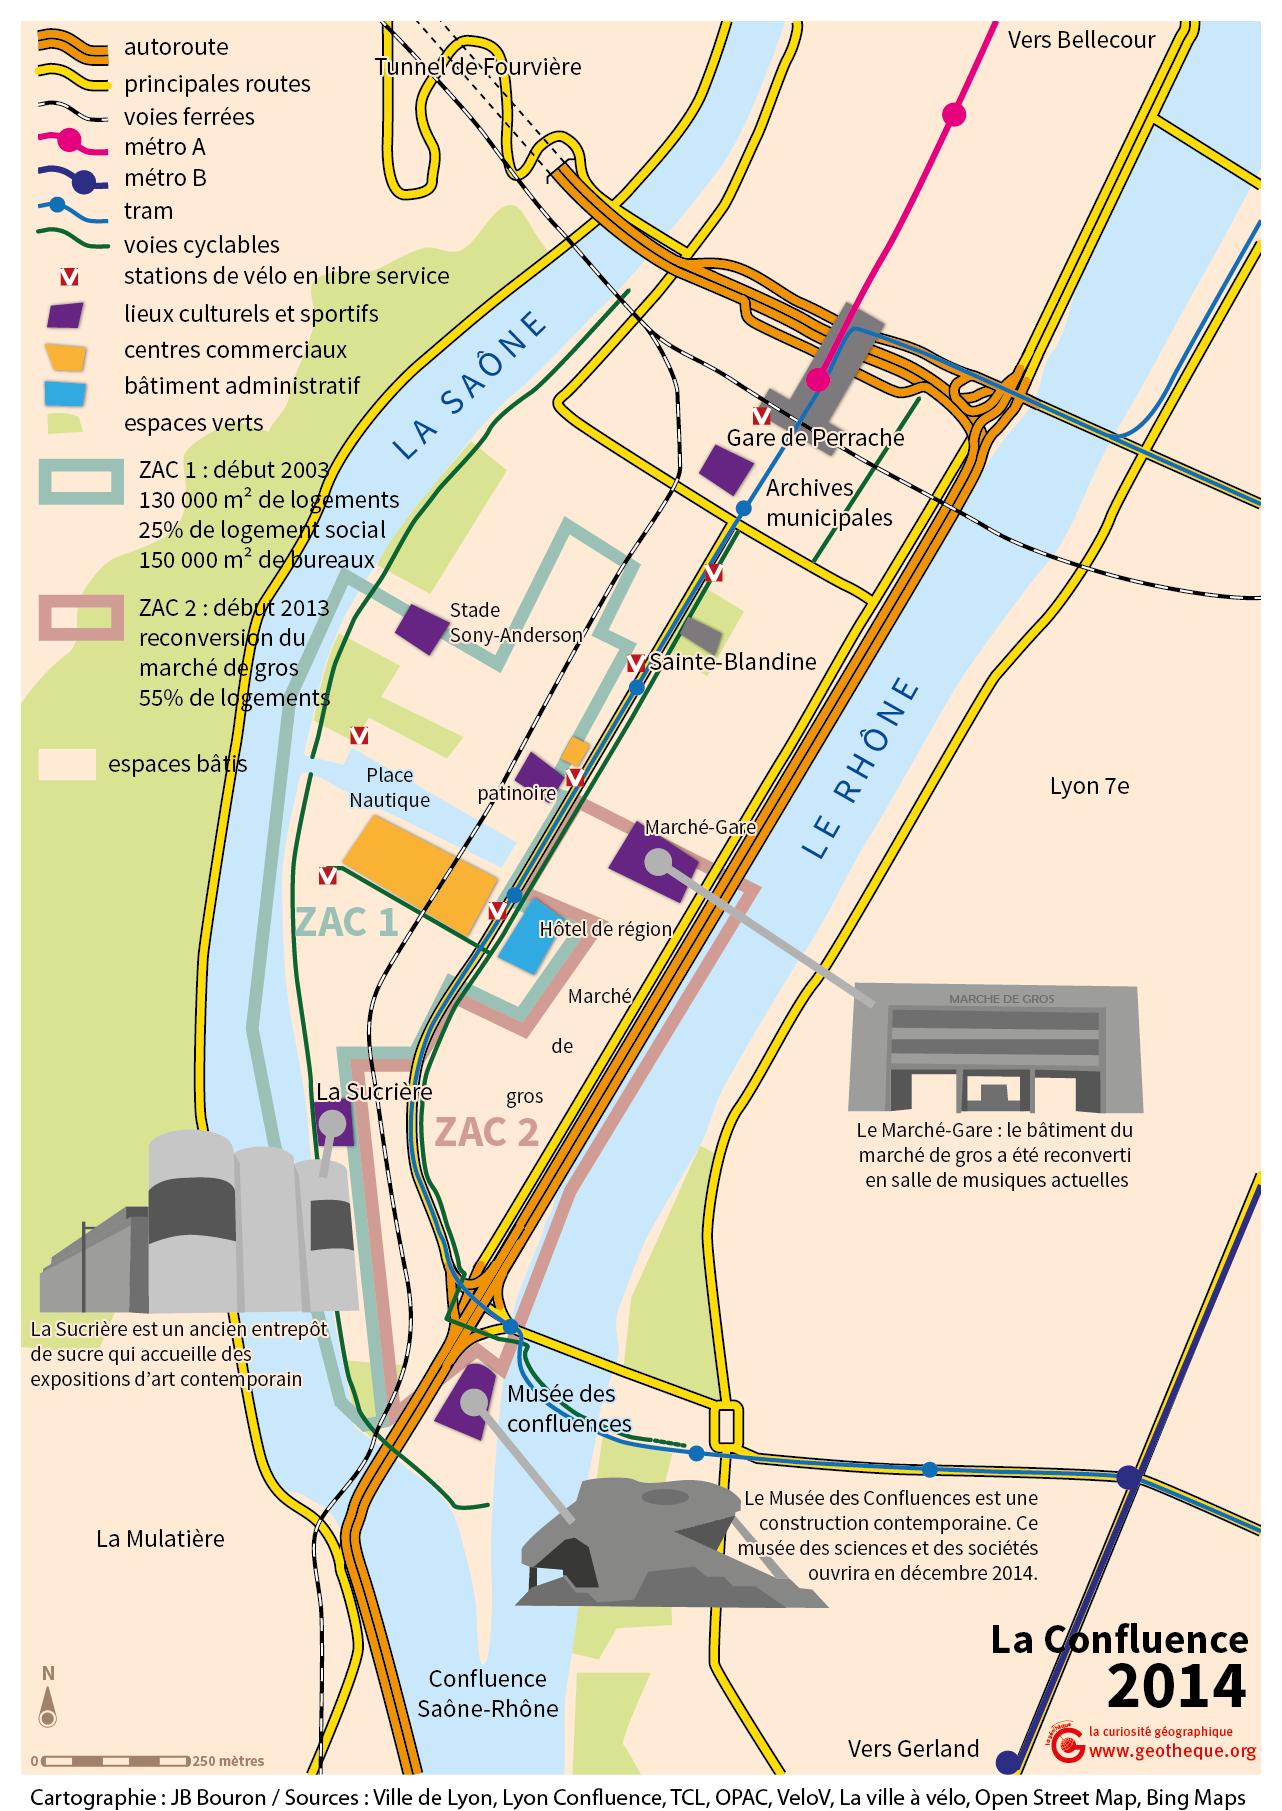 Cartes du site de la Confluence à LyonLa Géothèque